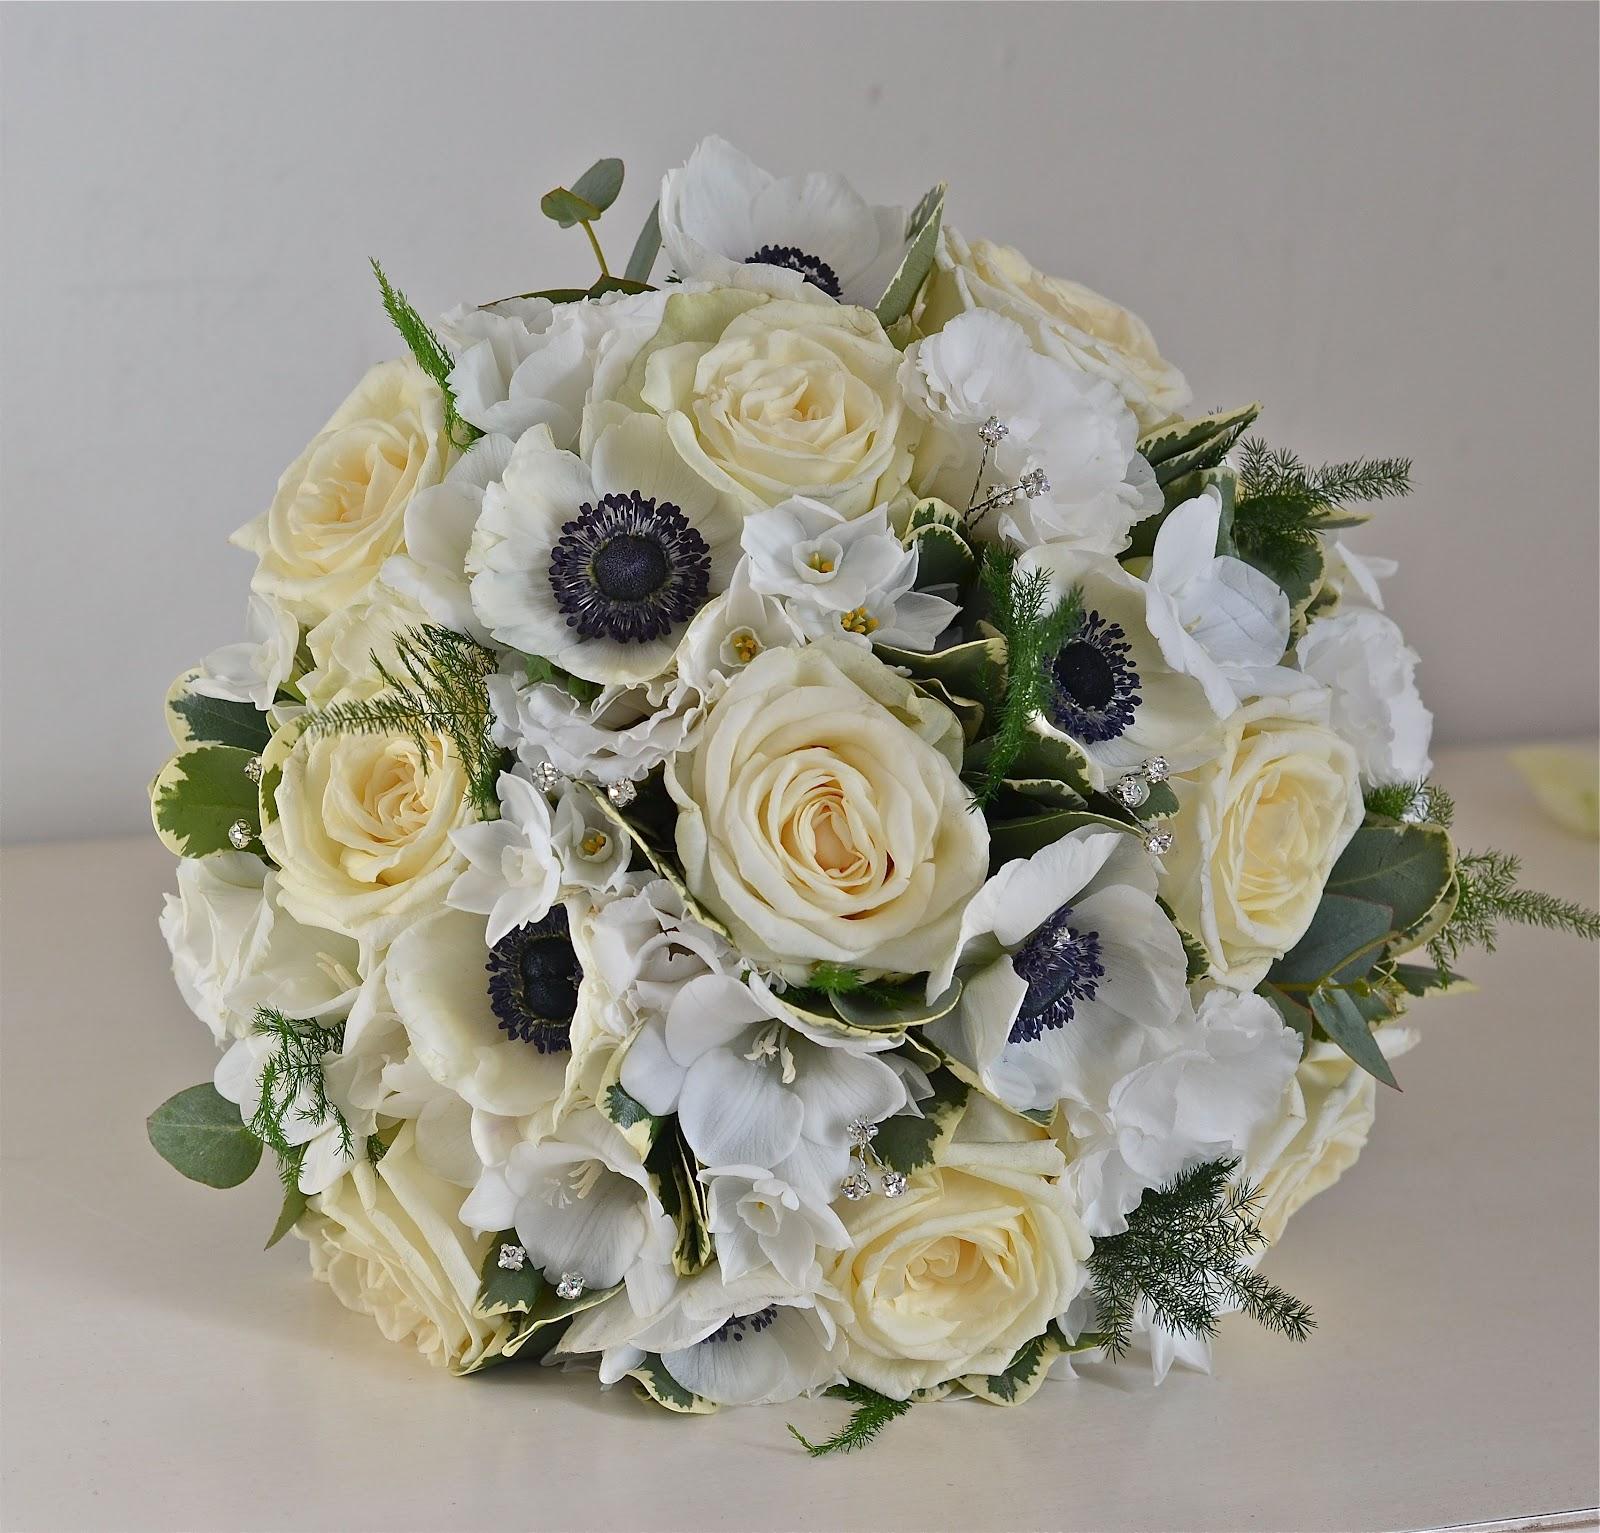 Rachels 39 S Vintage Wedding Flowers Rhinefield House